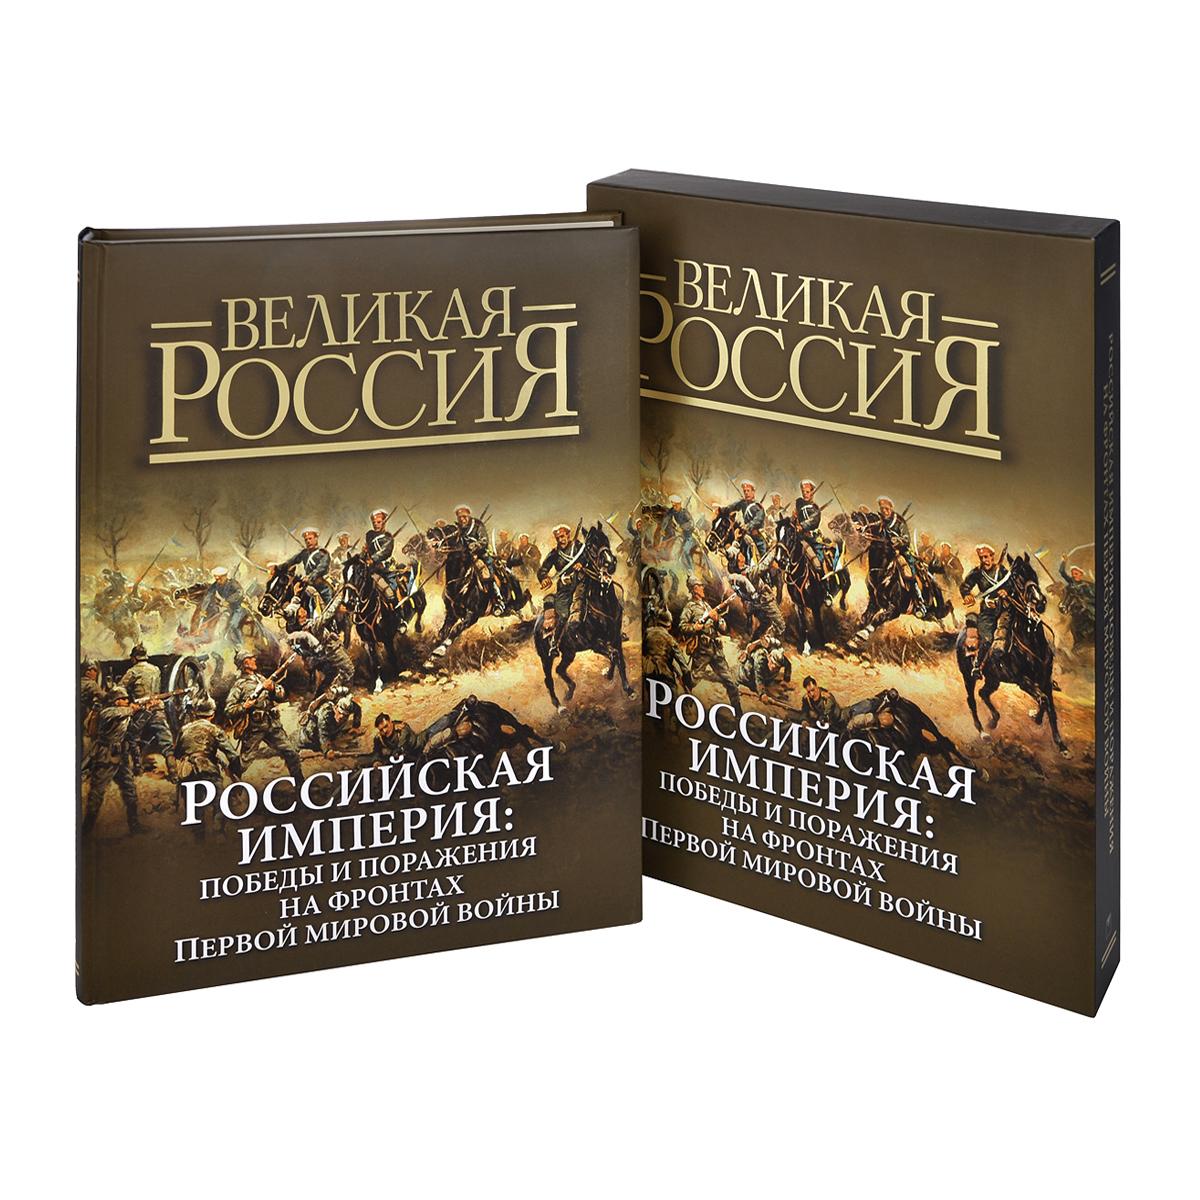 Российская империя. Победы и поражения на фронтах Первой мировой войны